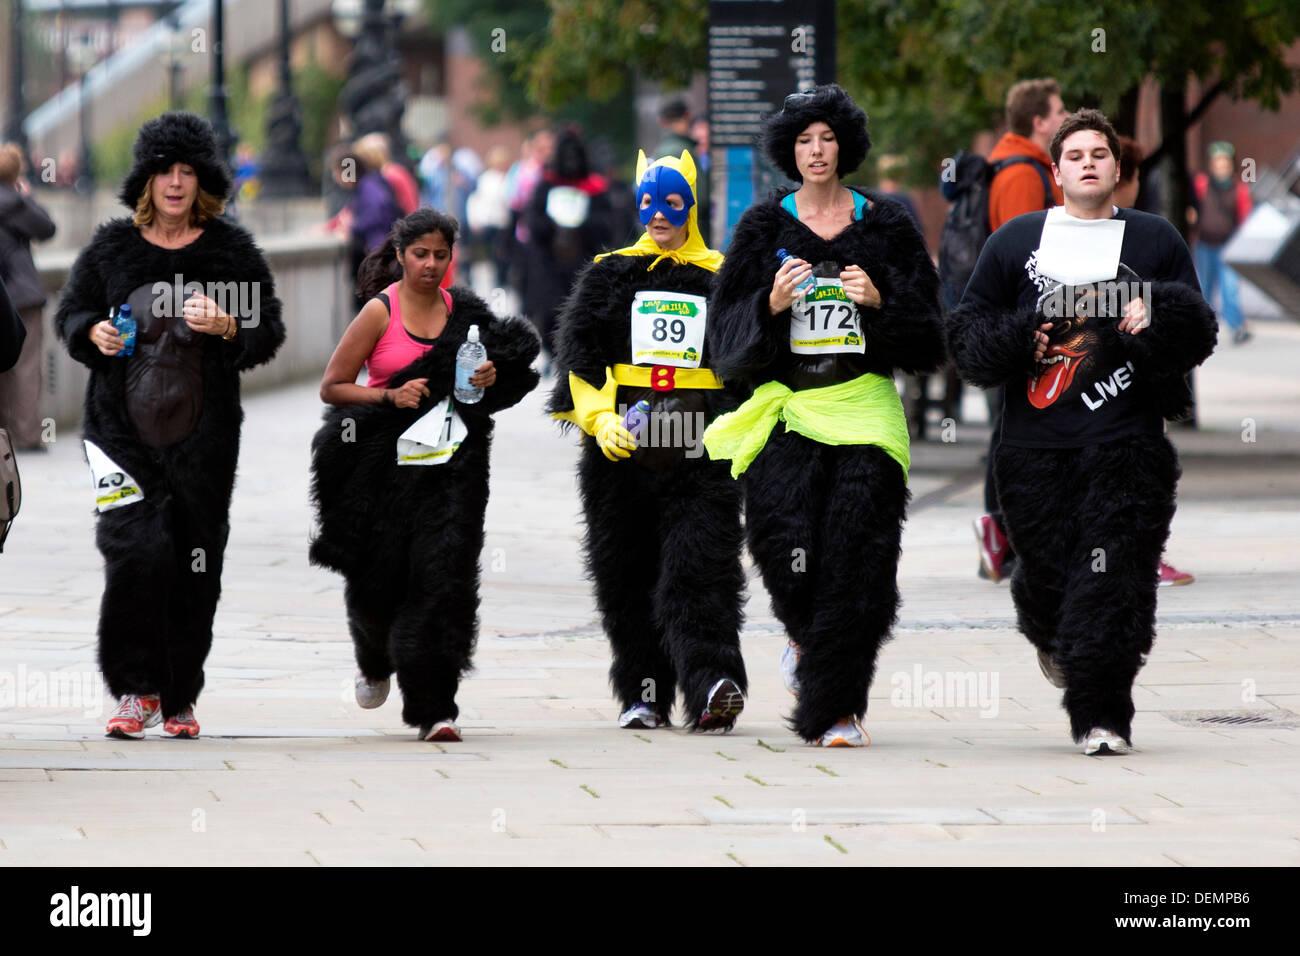 London, UK. 21. September 2013. Die großen Gorilla eine Charity run zugunsten der Gorilla Organization, London, Stockfoto